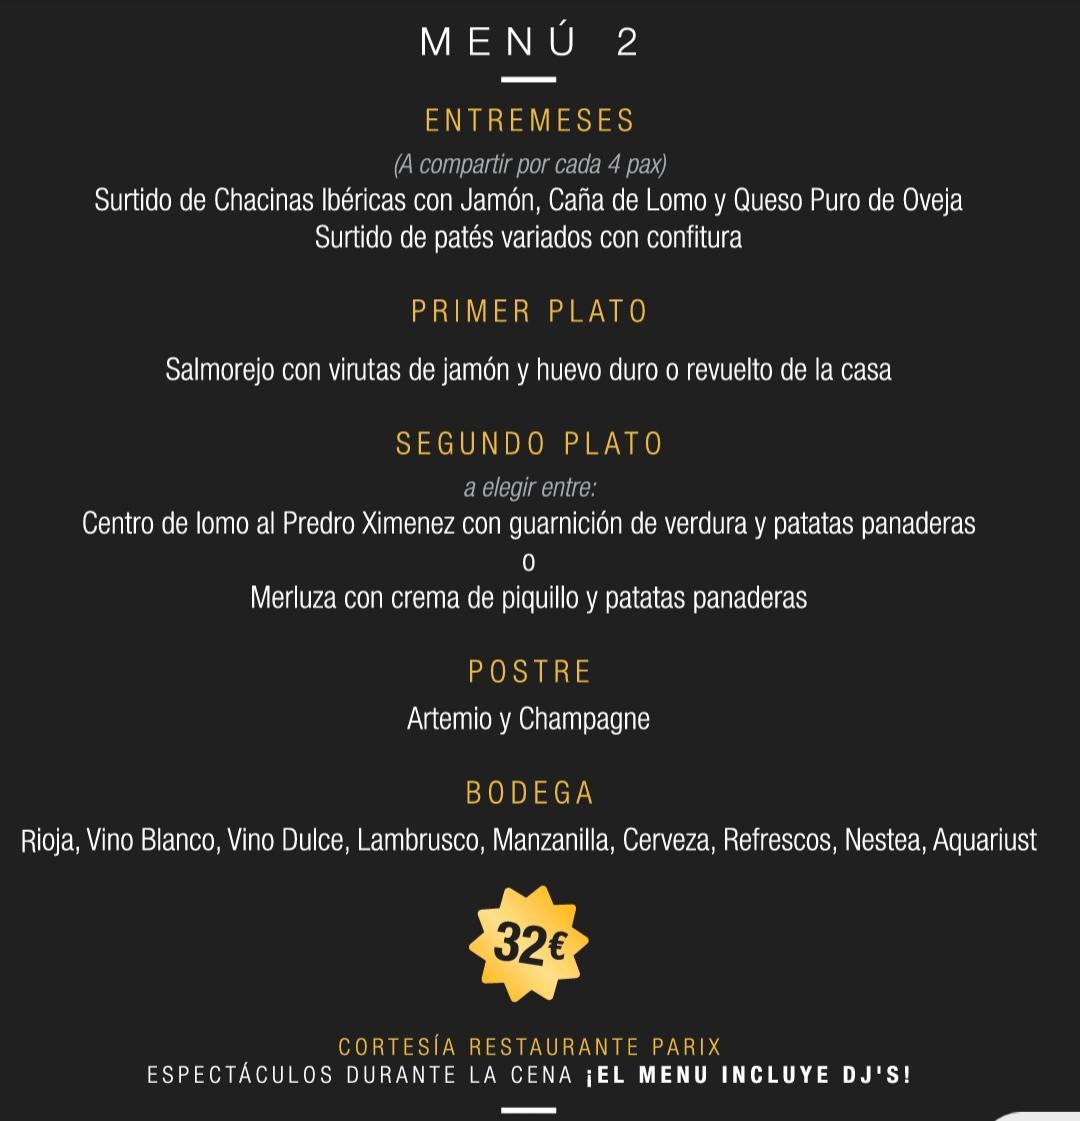 menu 2 sala parix